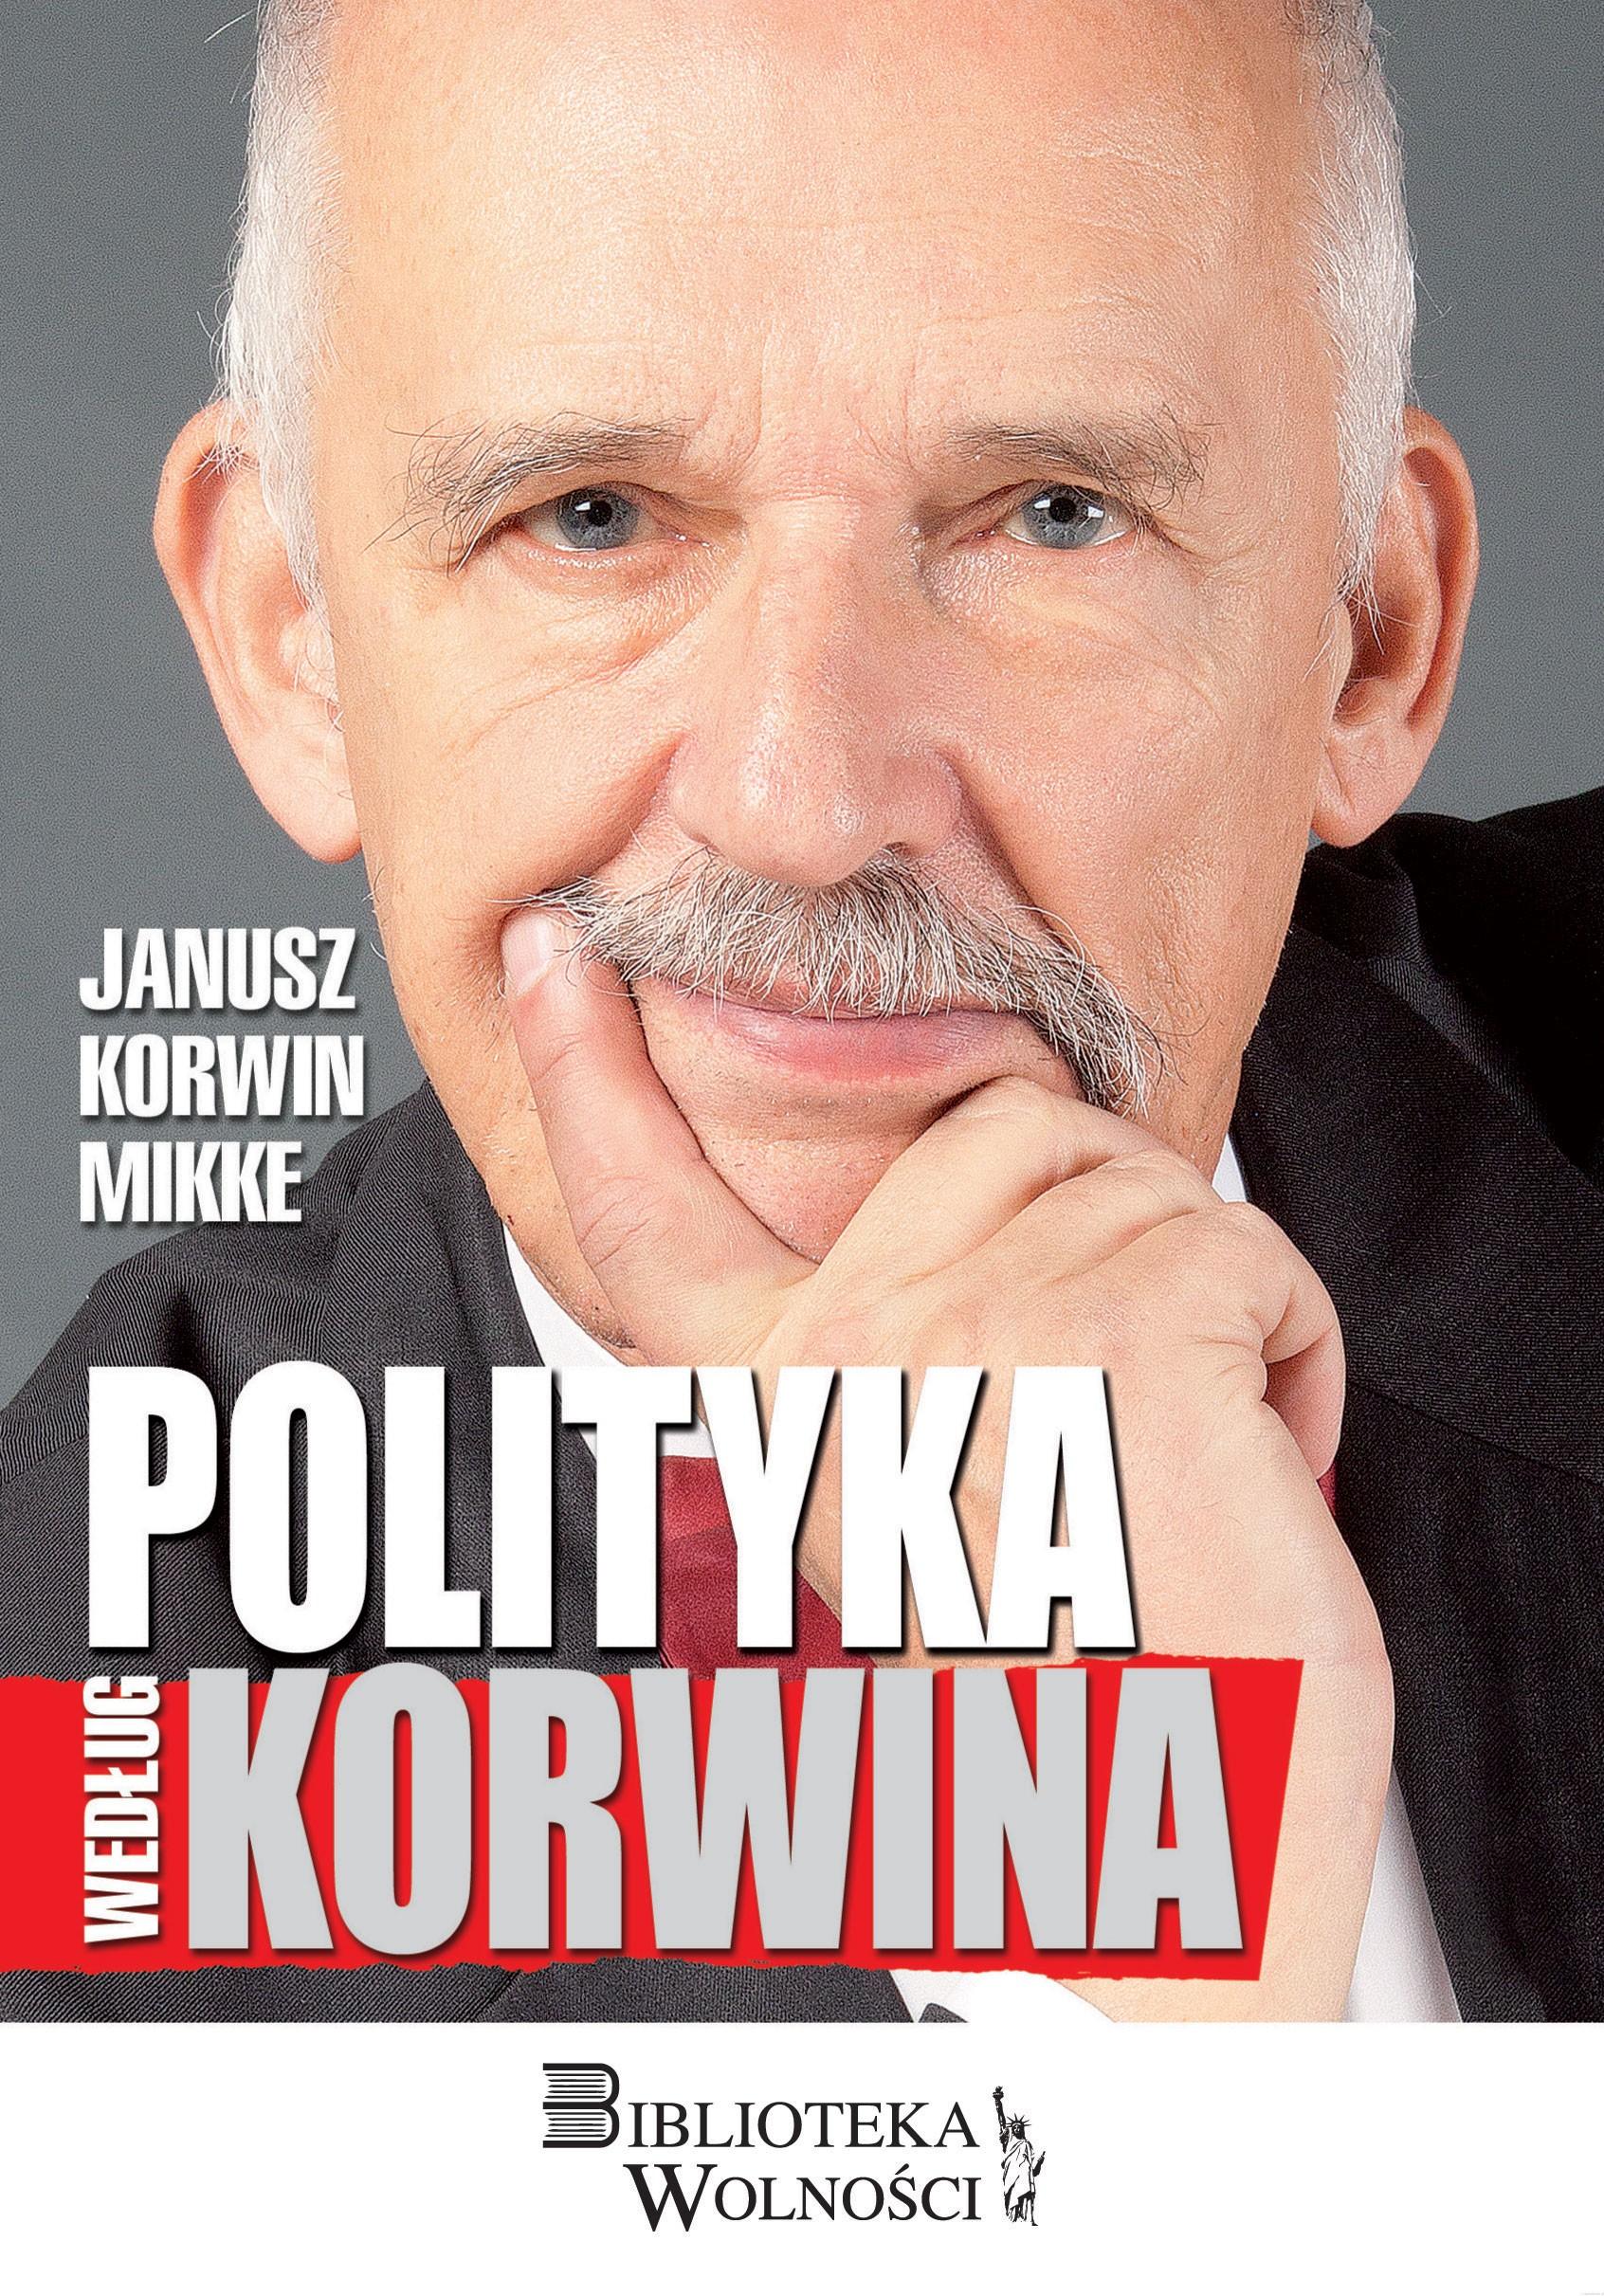 Polityka według Korwina (J.Korwin-Mikke)